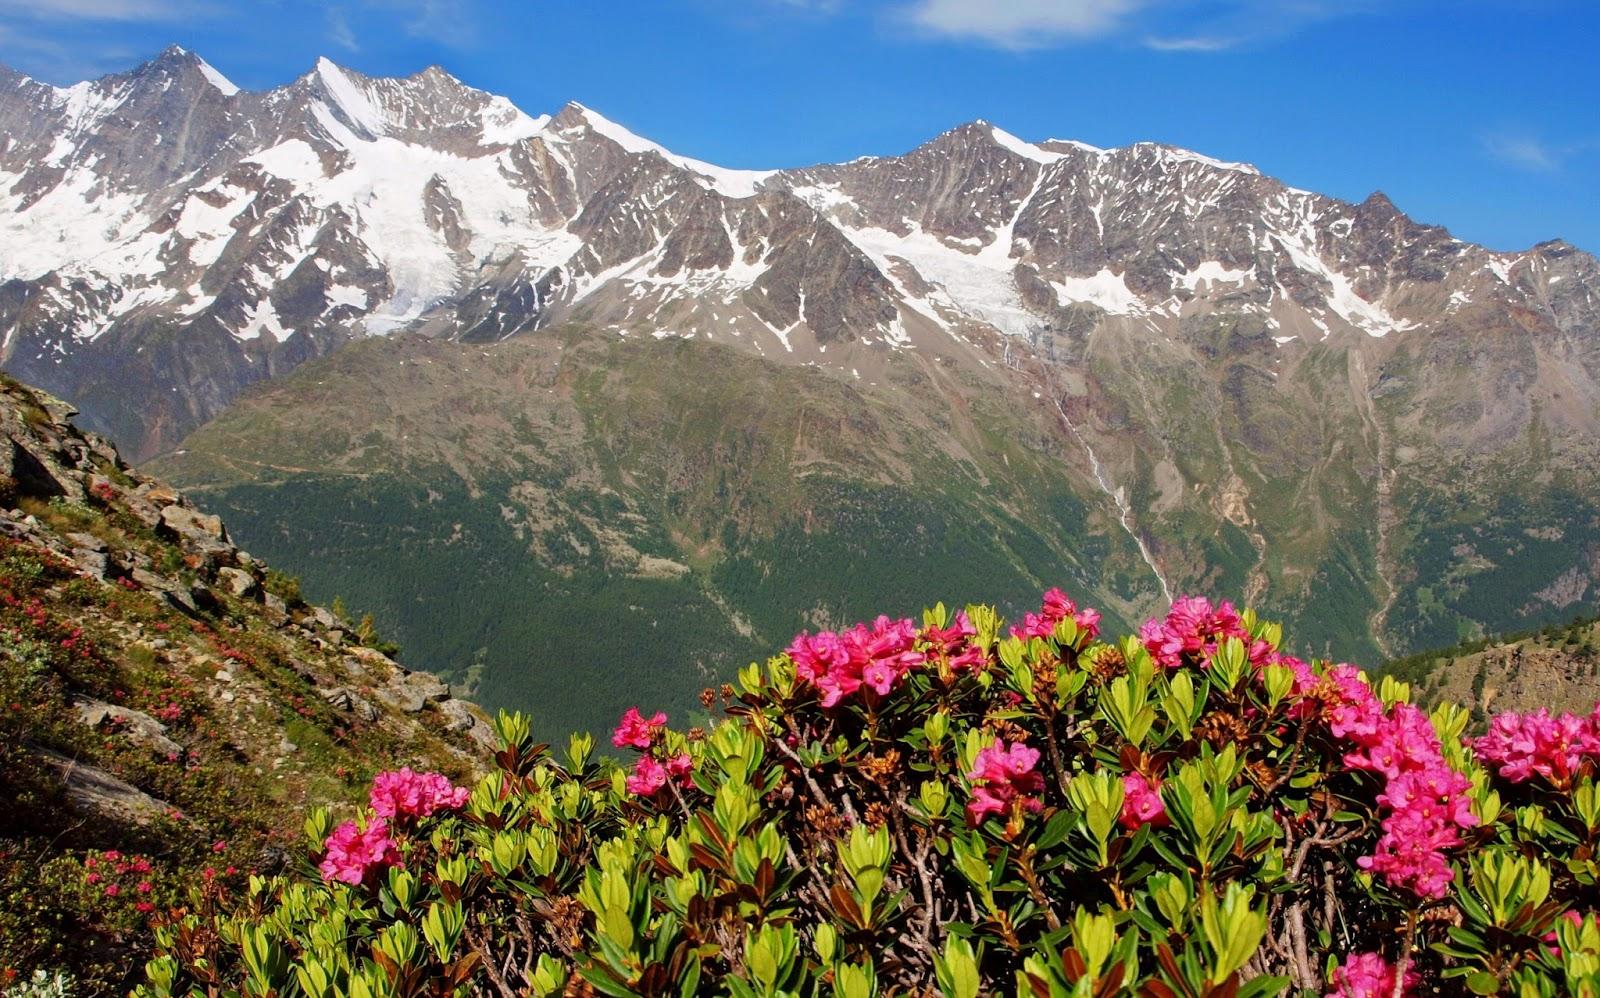 Fond ecran printemps montagne fonds d 39 cran hd for Foto fond ecran